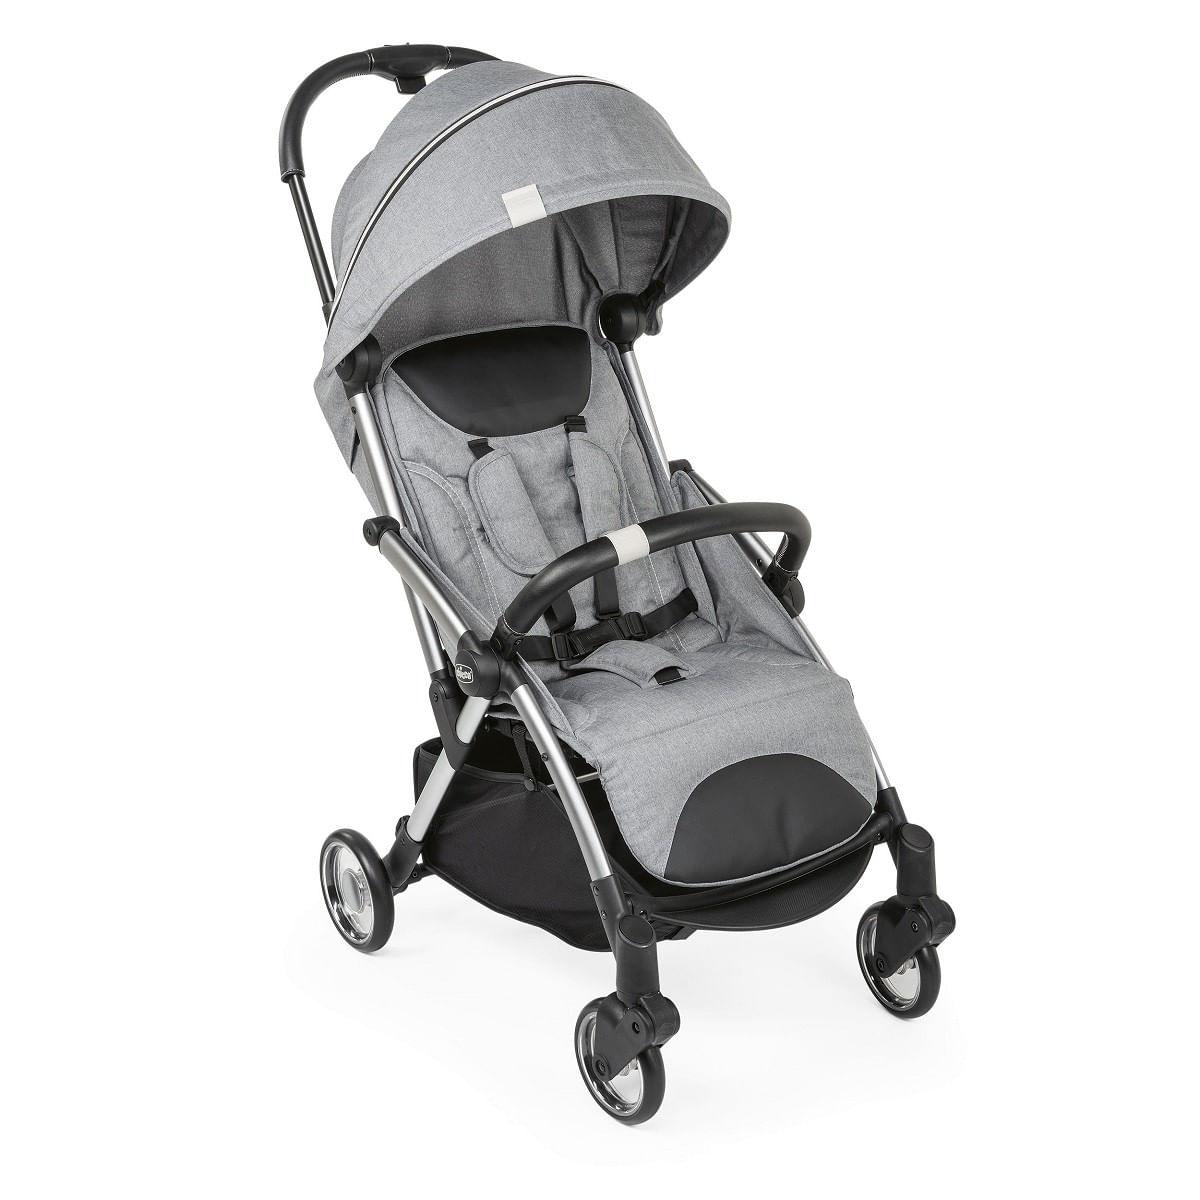 Carrinho de bebê Goody cinza - Chicco